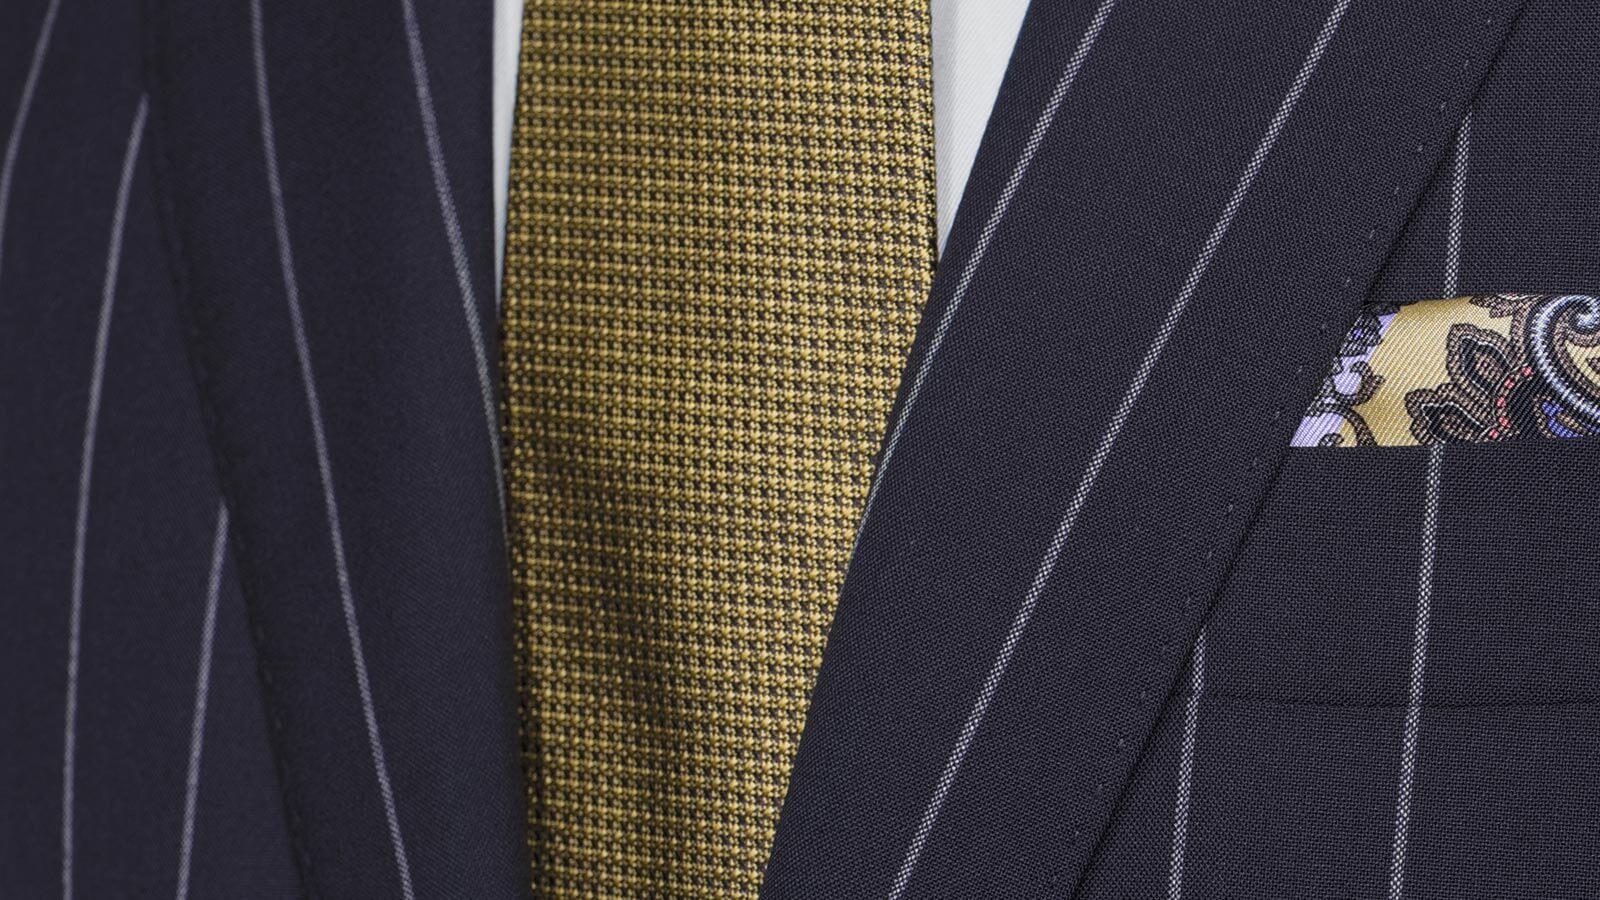 Deep Blue Wide Stripe Suit - slider image 1